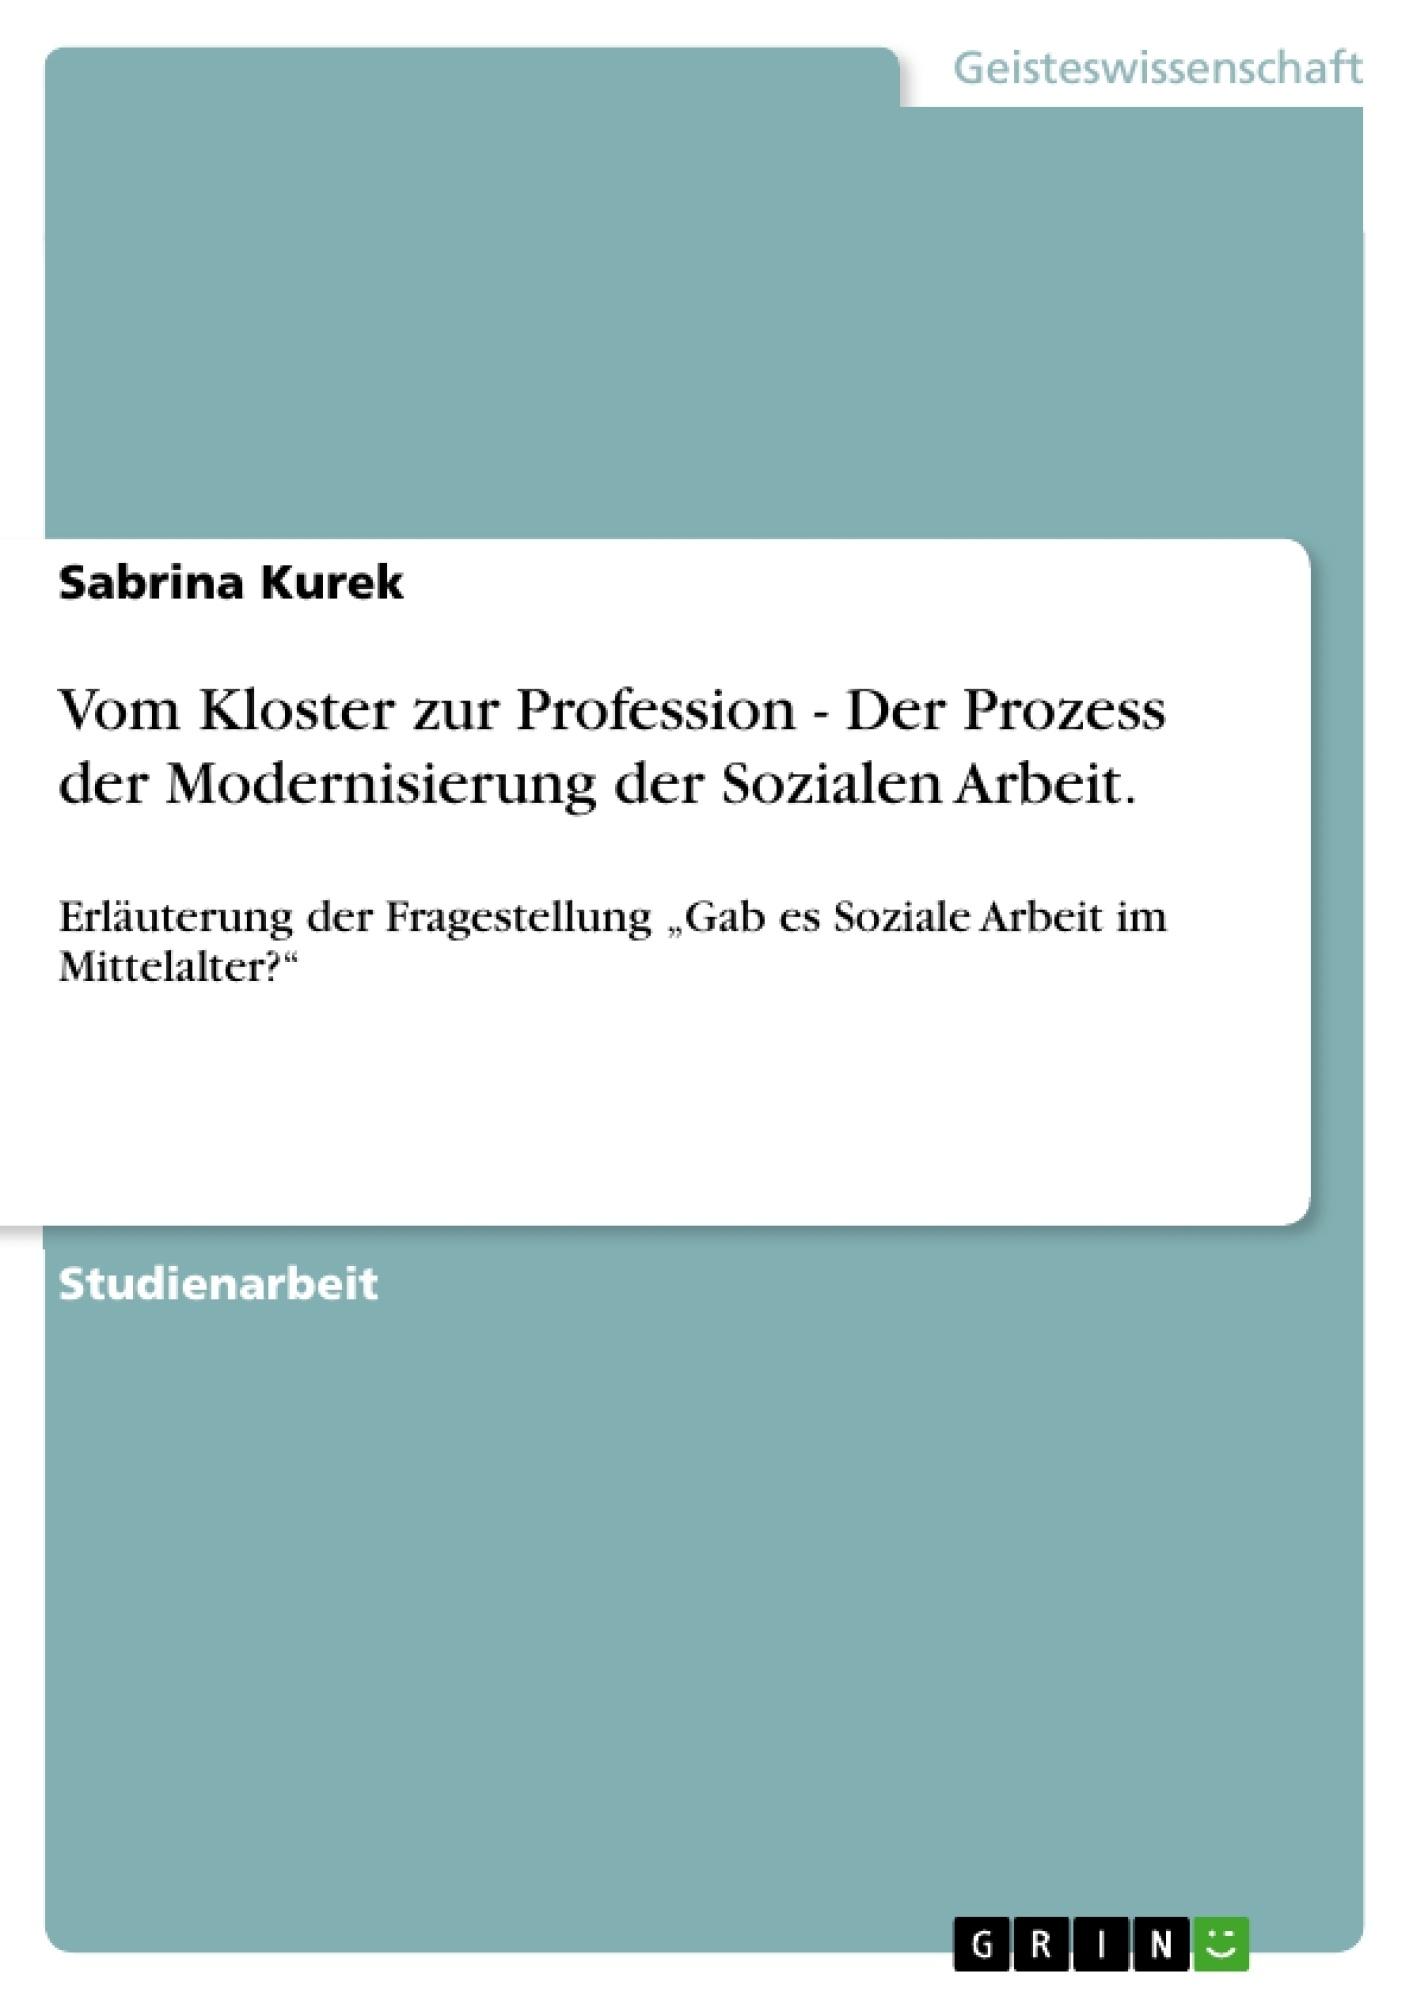 Titel: Vom Kloster zur Profession - Der Prozess der Modernisierung der Sozialen Arbeit.